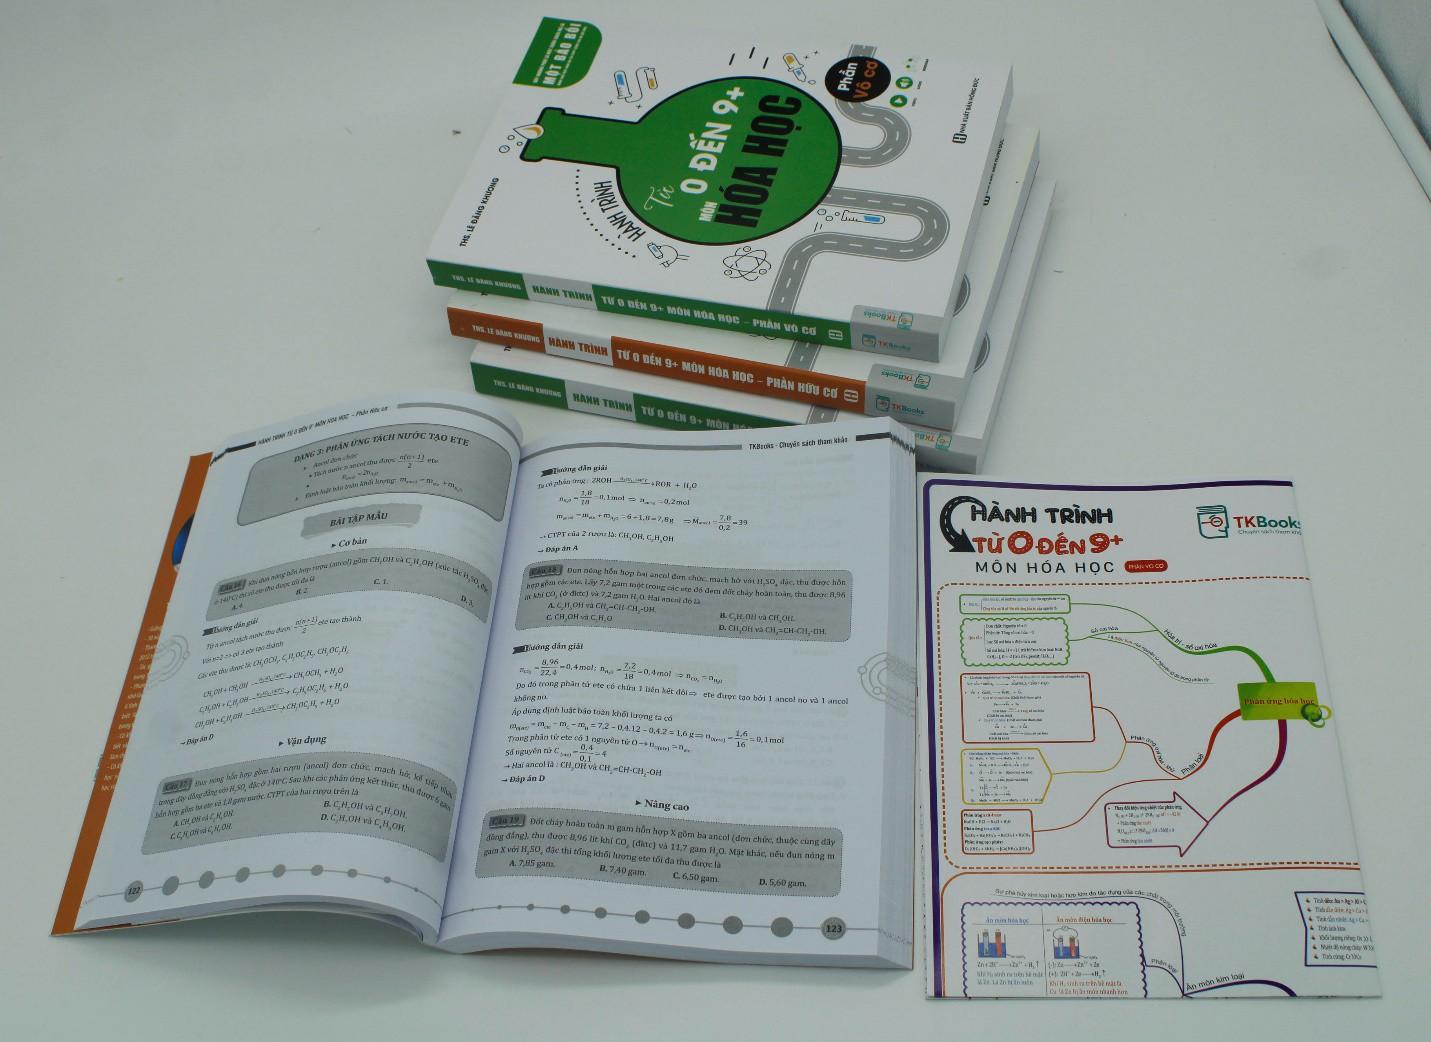 Hành trình từ 0 đến 10 điểm môn Hóa thi THPT Quốc Gia và Đại học cùng thầy Lê Đăng Khương - Ảnh 5.